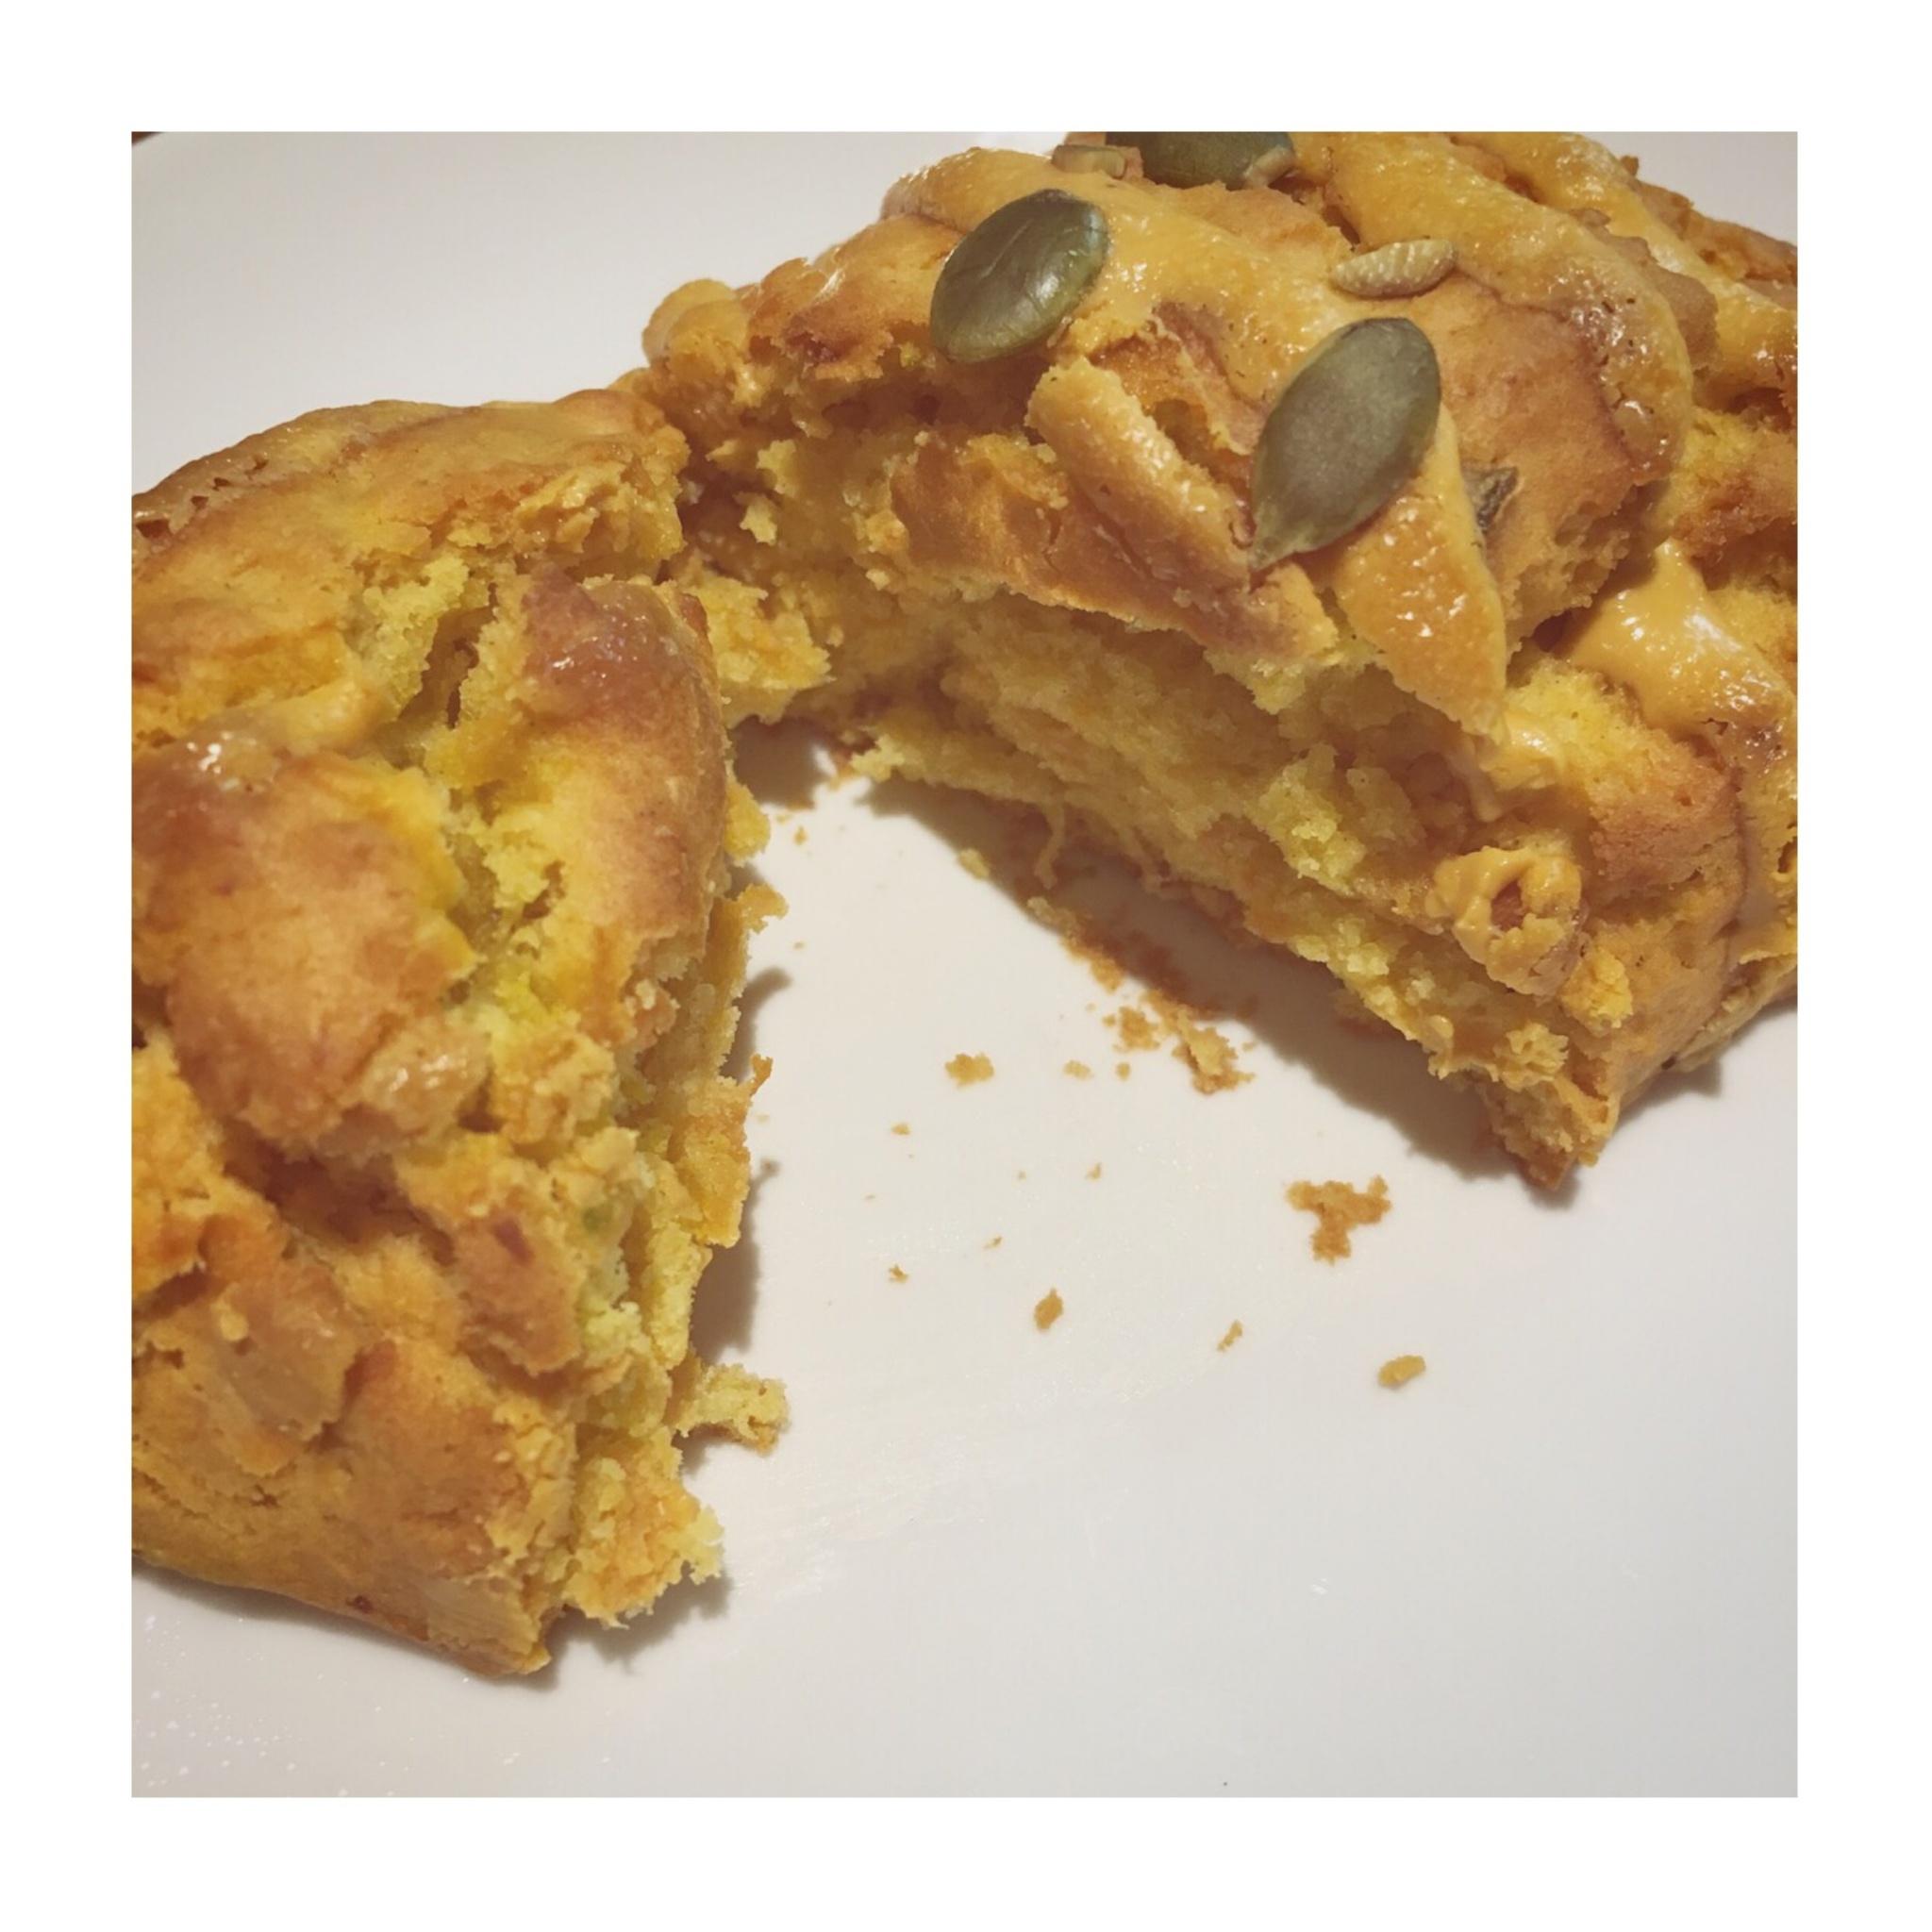 《ほくほくの秋らしいおいしさ❤️》【スタバ】アメリカンスコーン パンプキンが美味☻_3